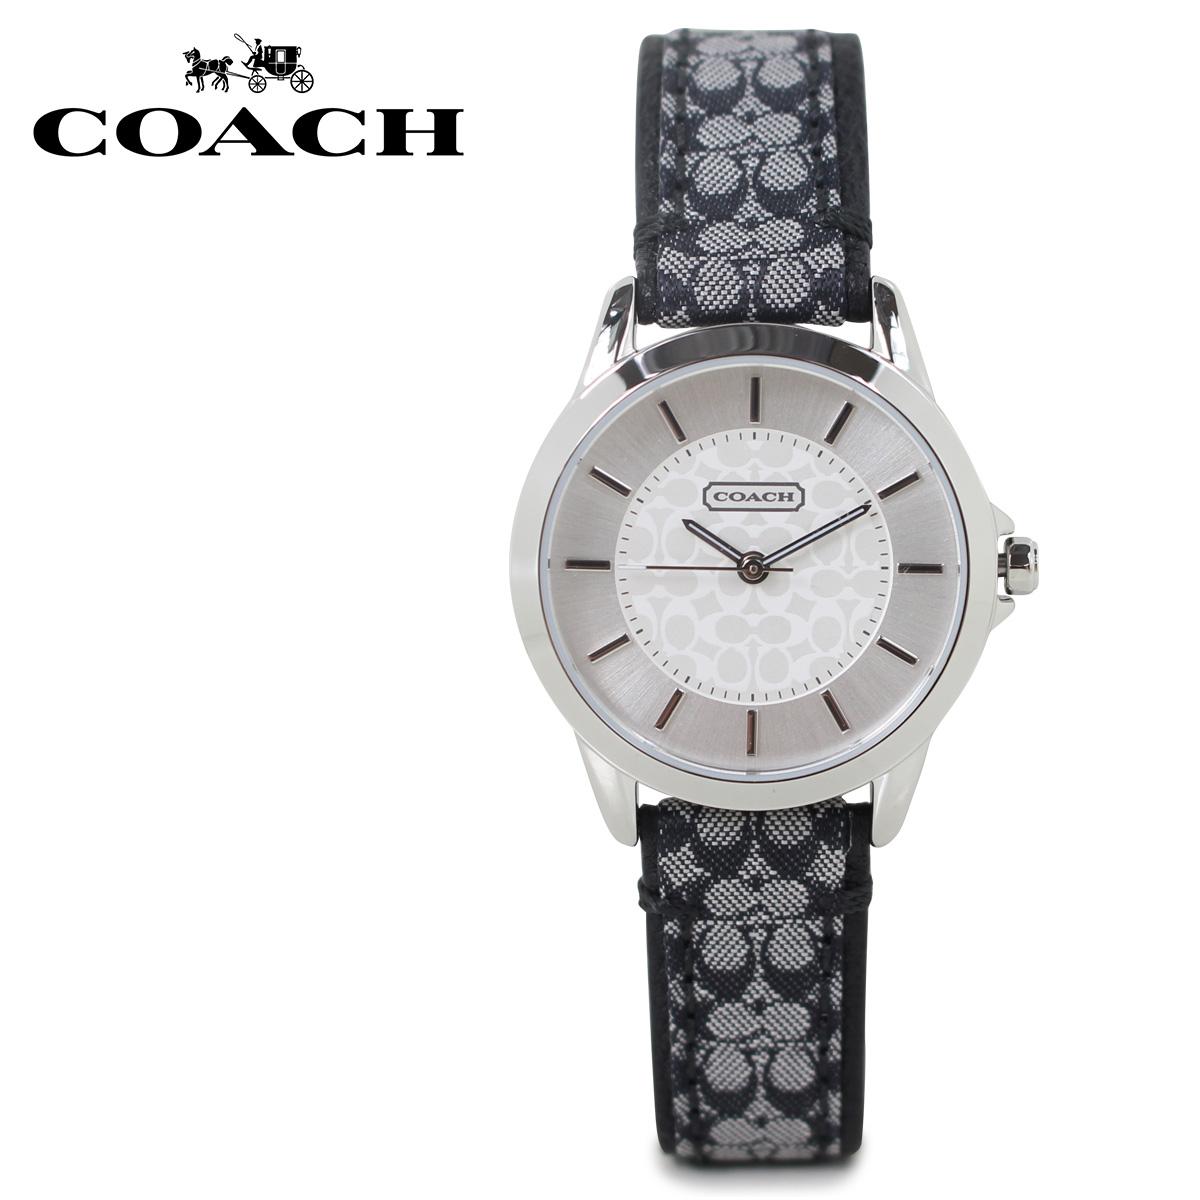 コーチ COACH 腕時計 レディース シグネチャー レザー ブラック 14501524